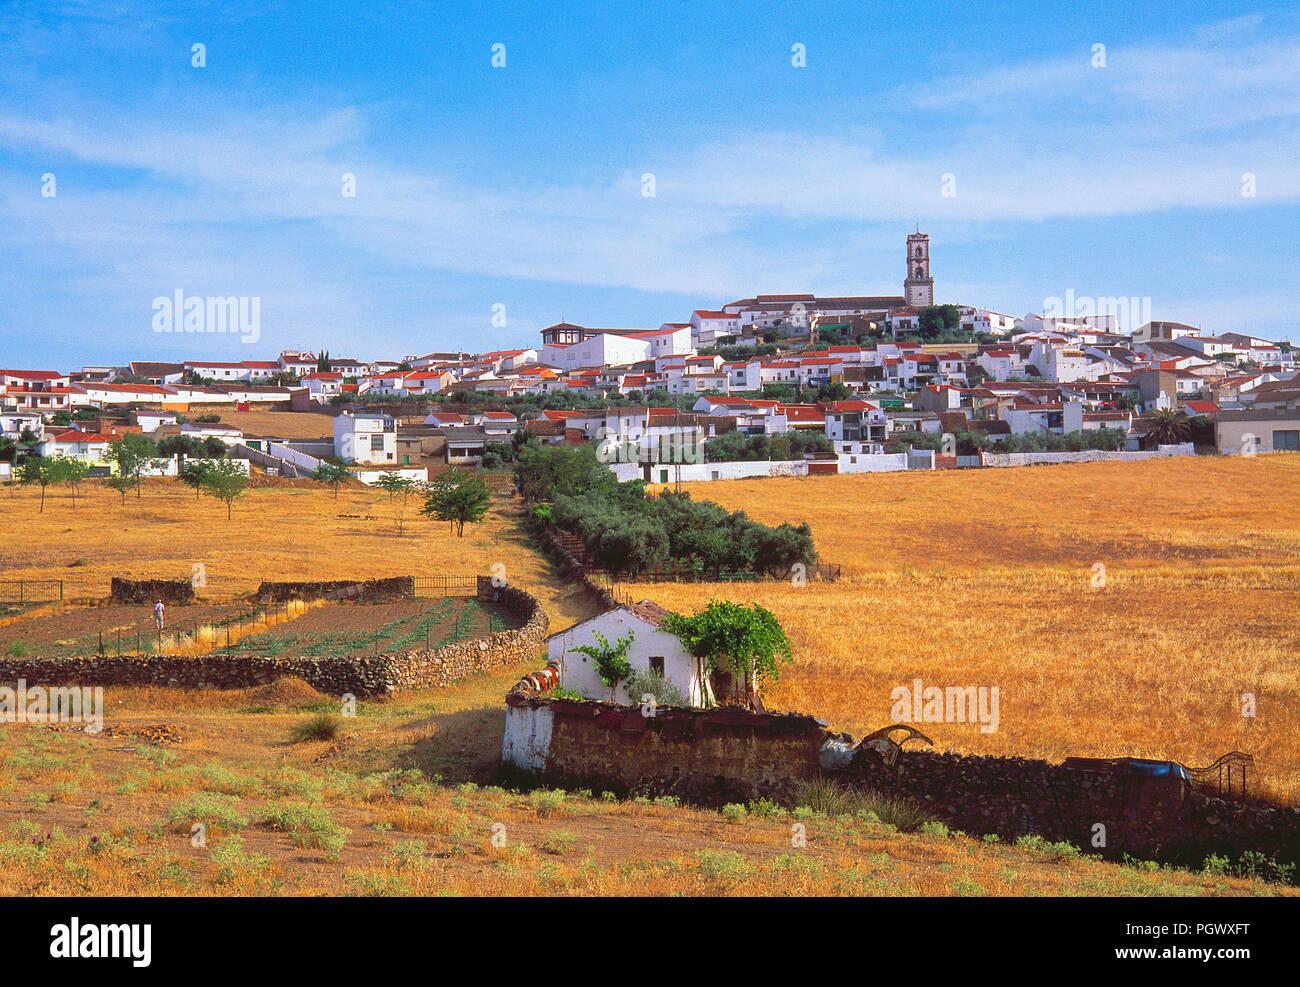 Vue d'ensemble. Fuenteobejuna, province de Cordoue, Andalousie, espagne. Photo Stock